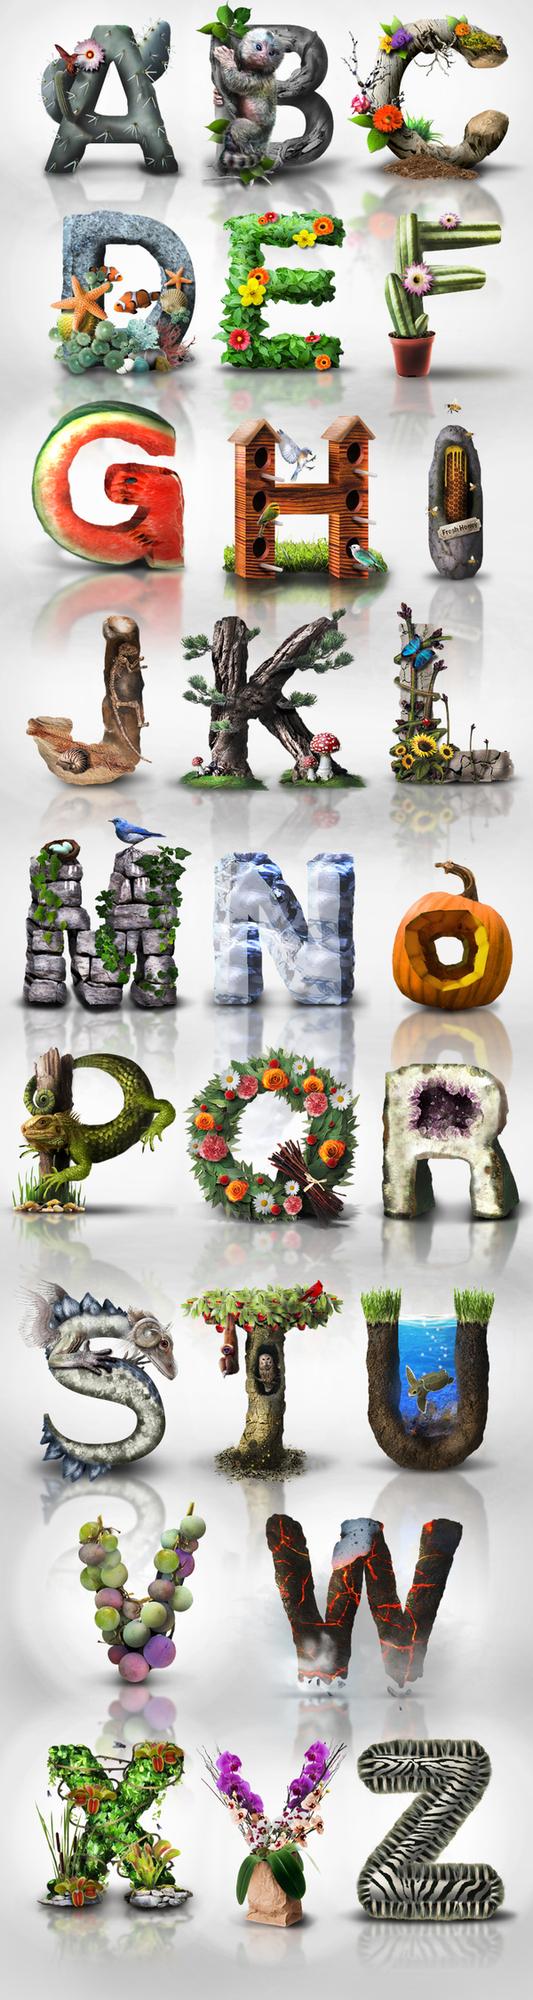 Earthday Typography